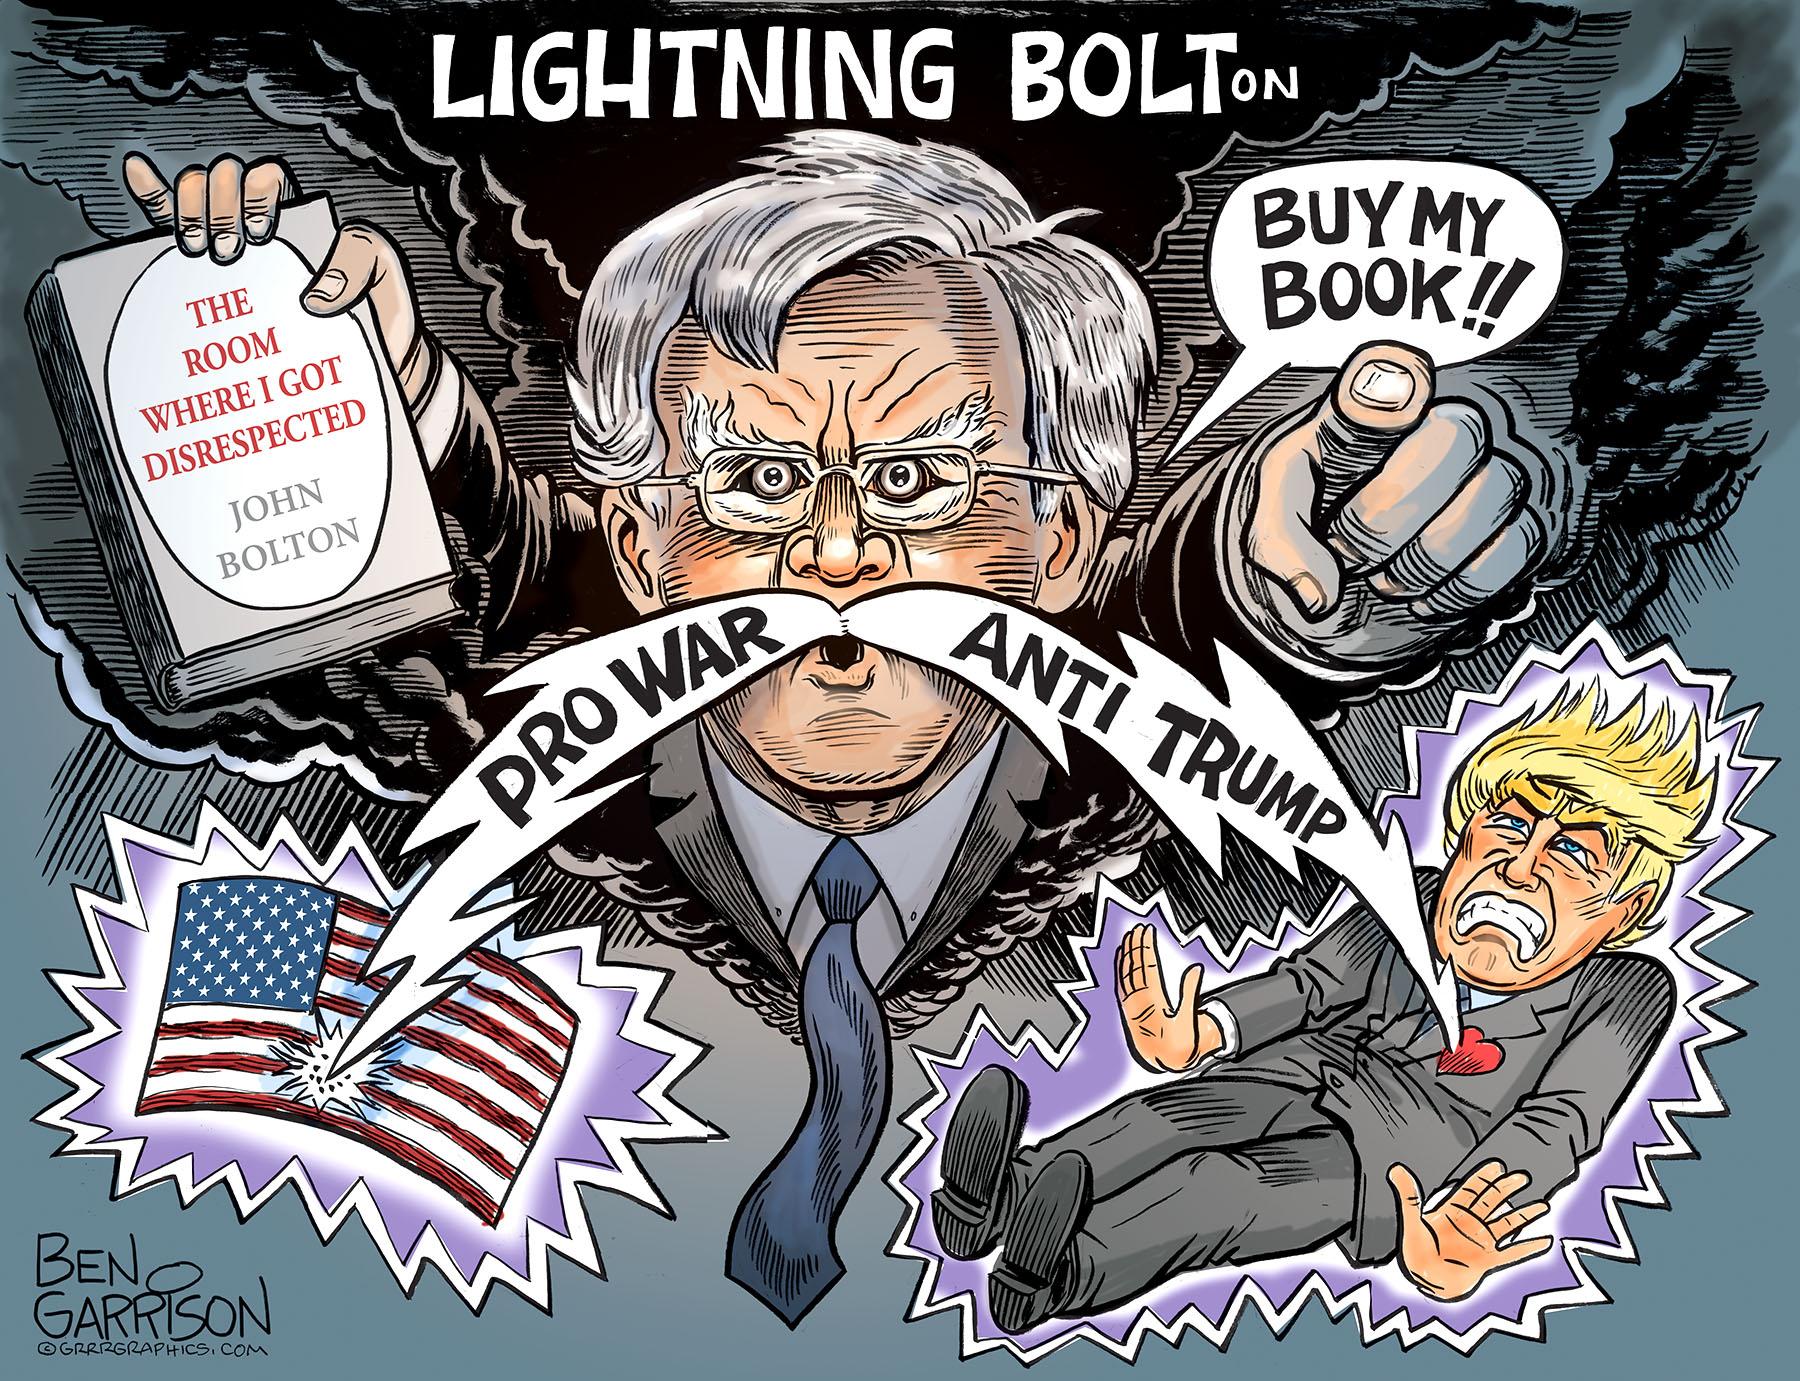 lightning_bolton.jpg